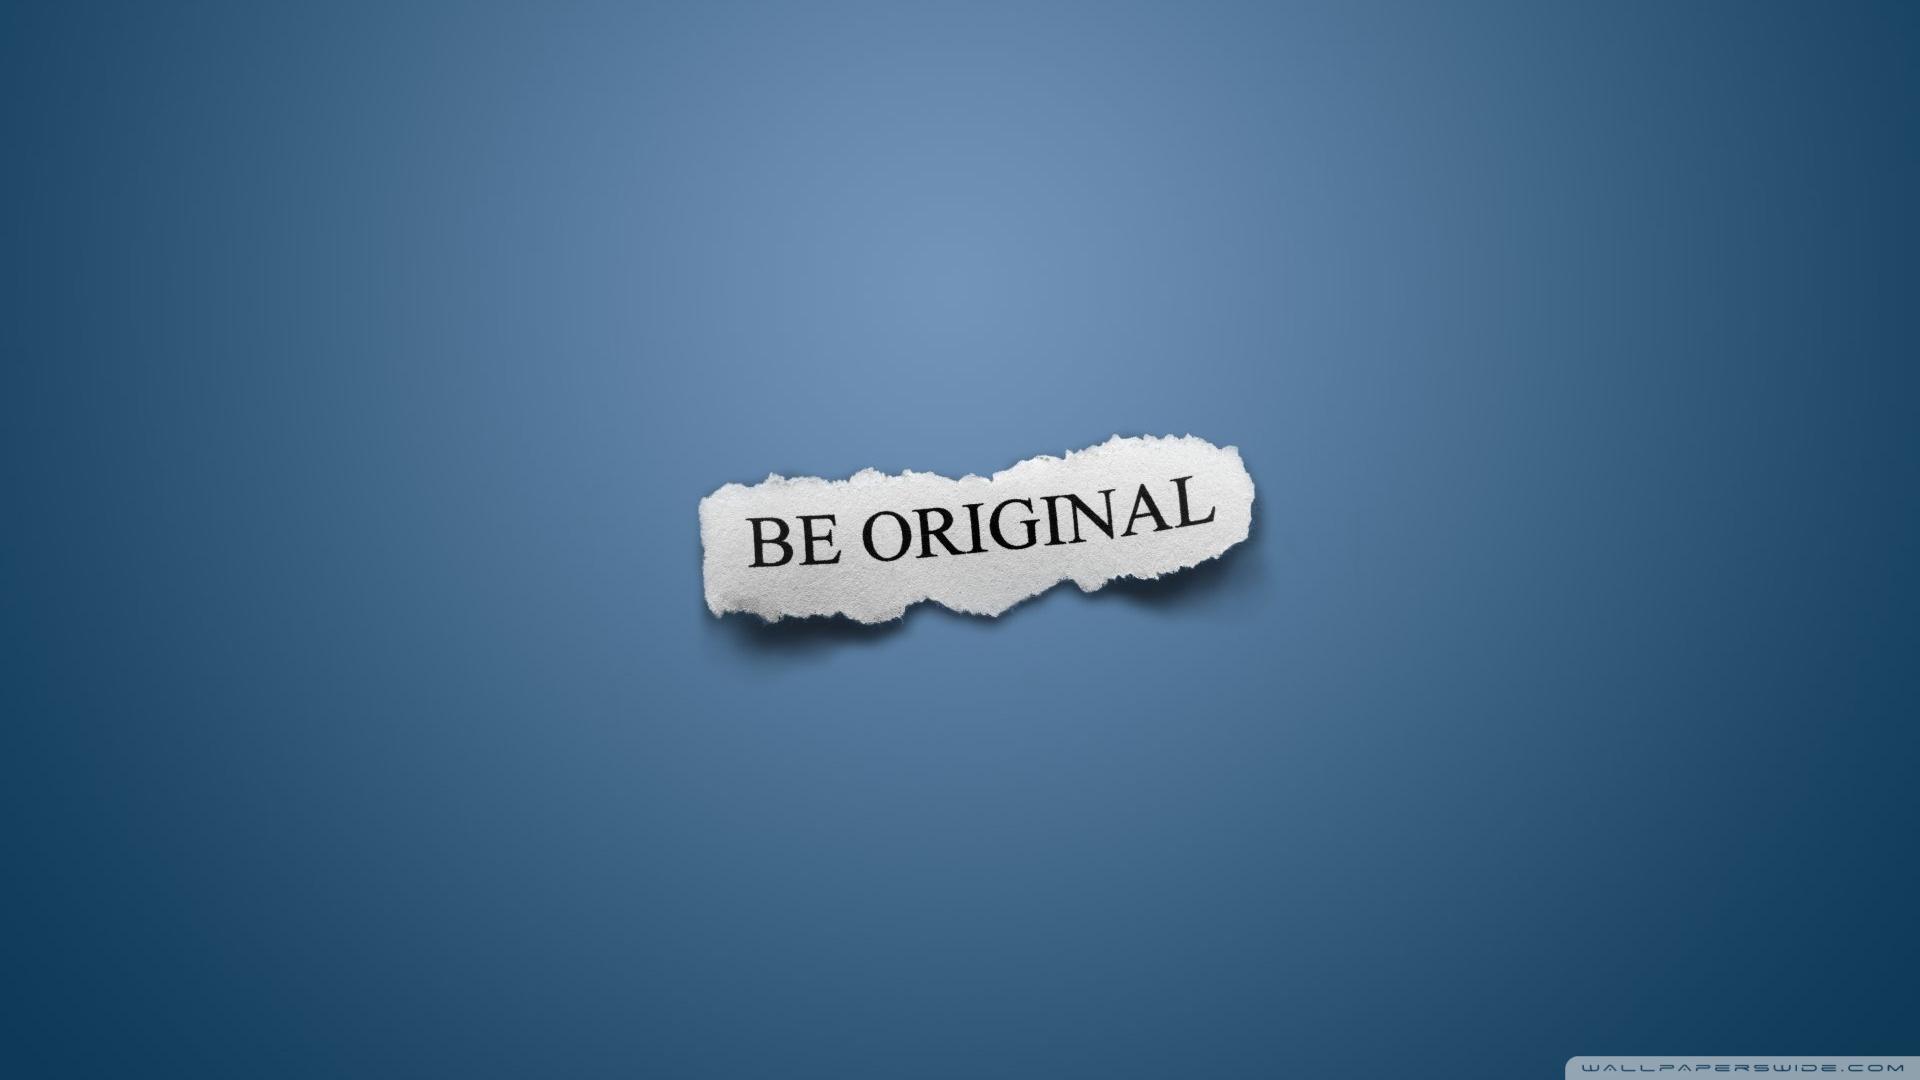 Be orginal